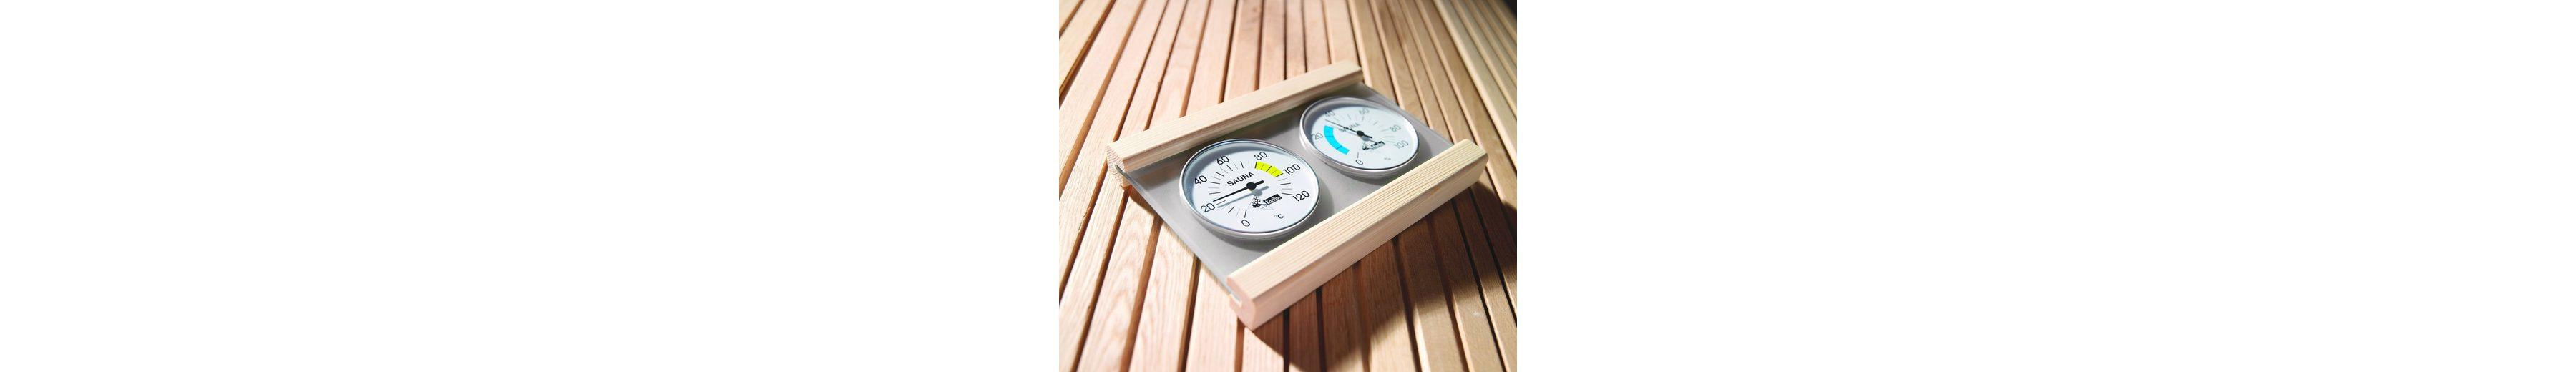 Klimamessstation »Premium«, mit Thermometer und Hygrometer